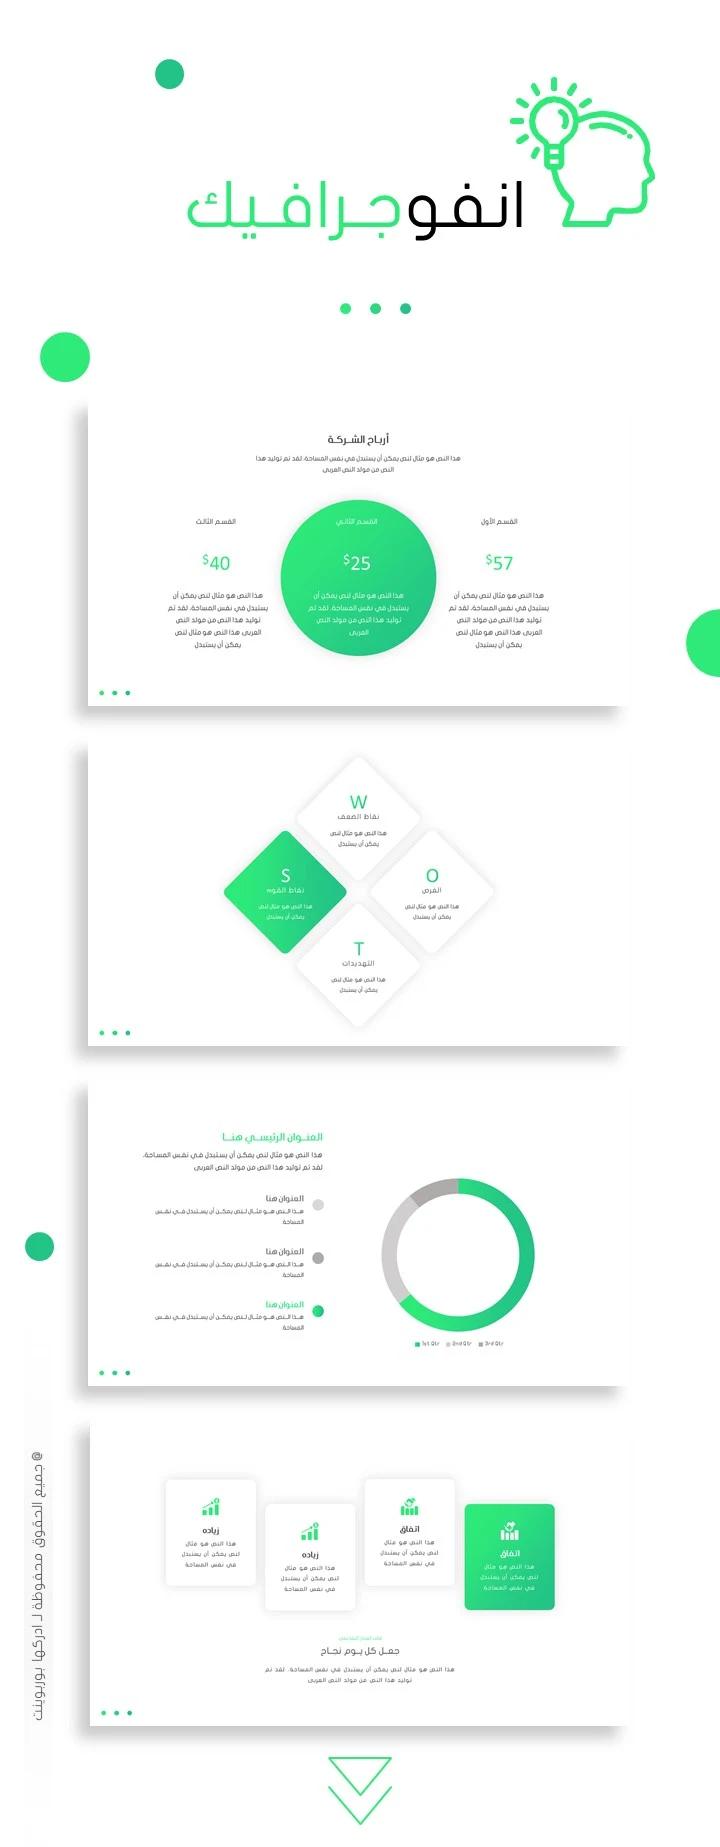 تبسيط أفضل عرض بوربوينت عربي مفرغ لعمل برزنتيشن ادركها بوربوينت Infographic Template Powerpoint Powerpoint Presentation Cv Template Word